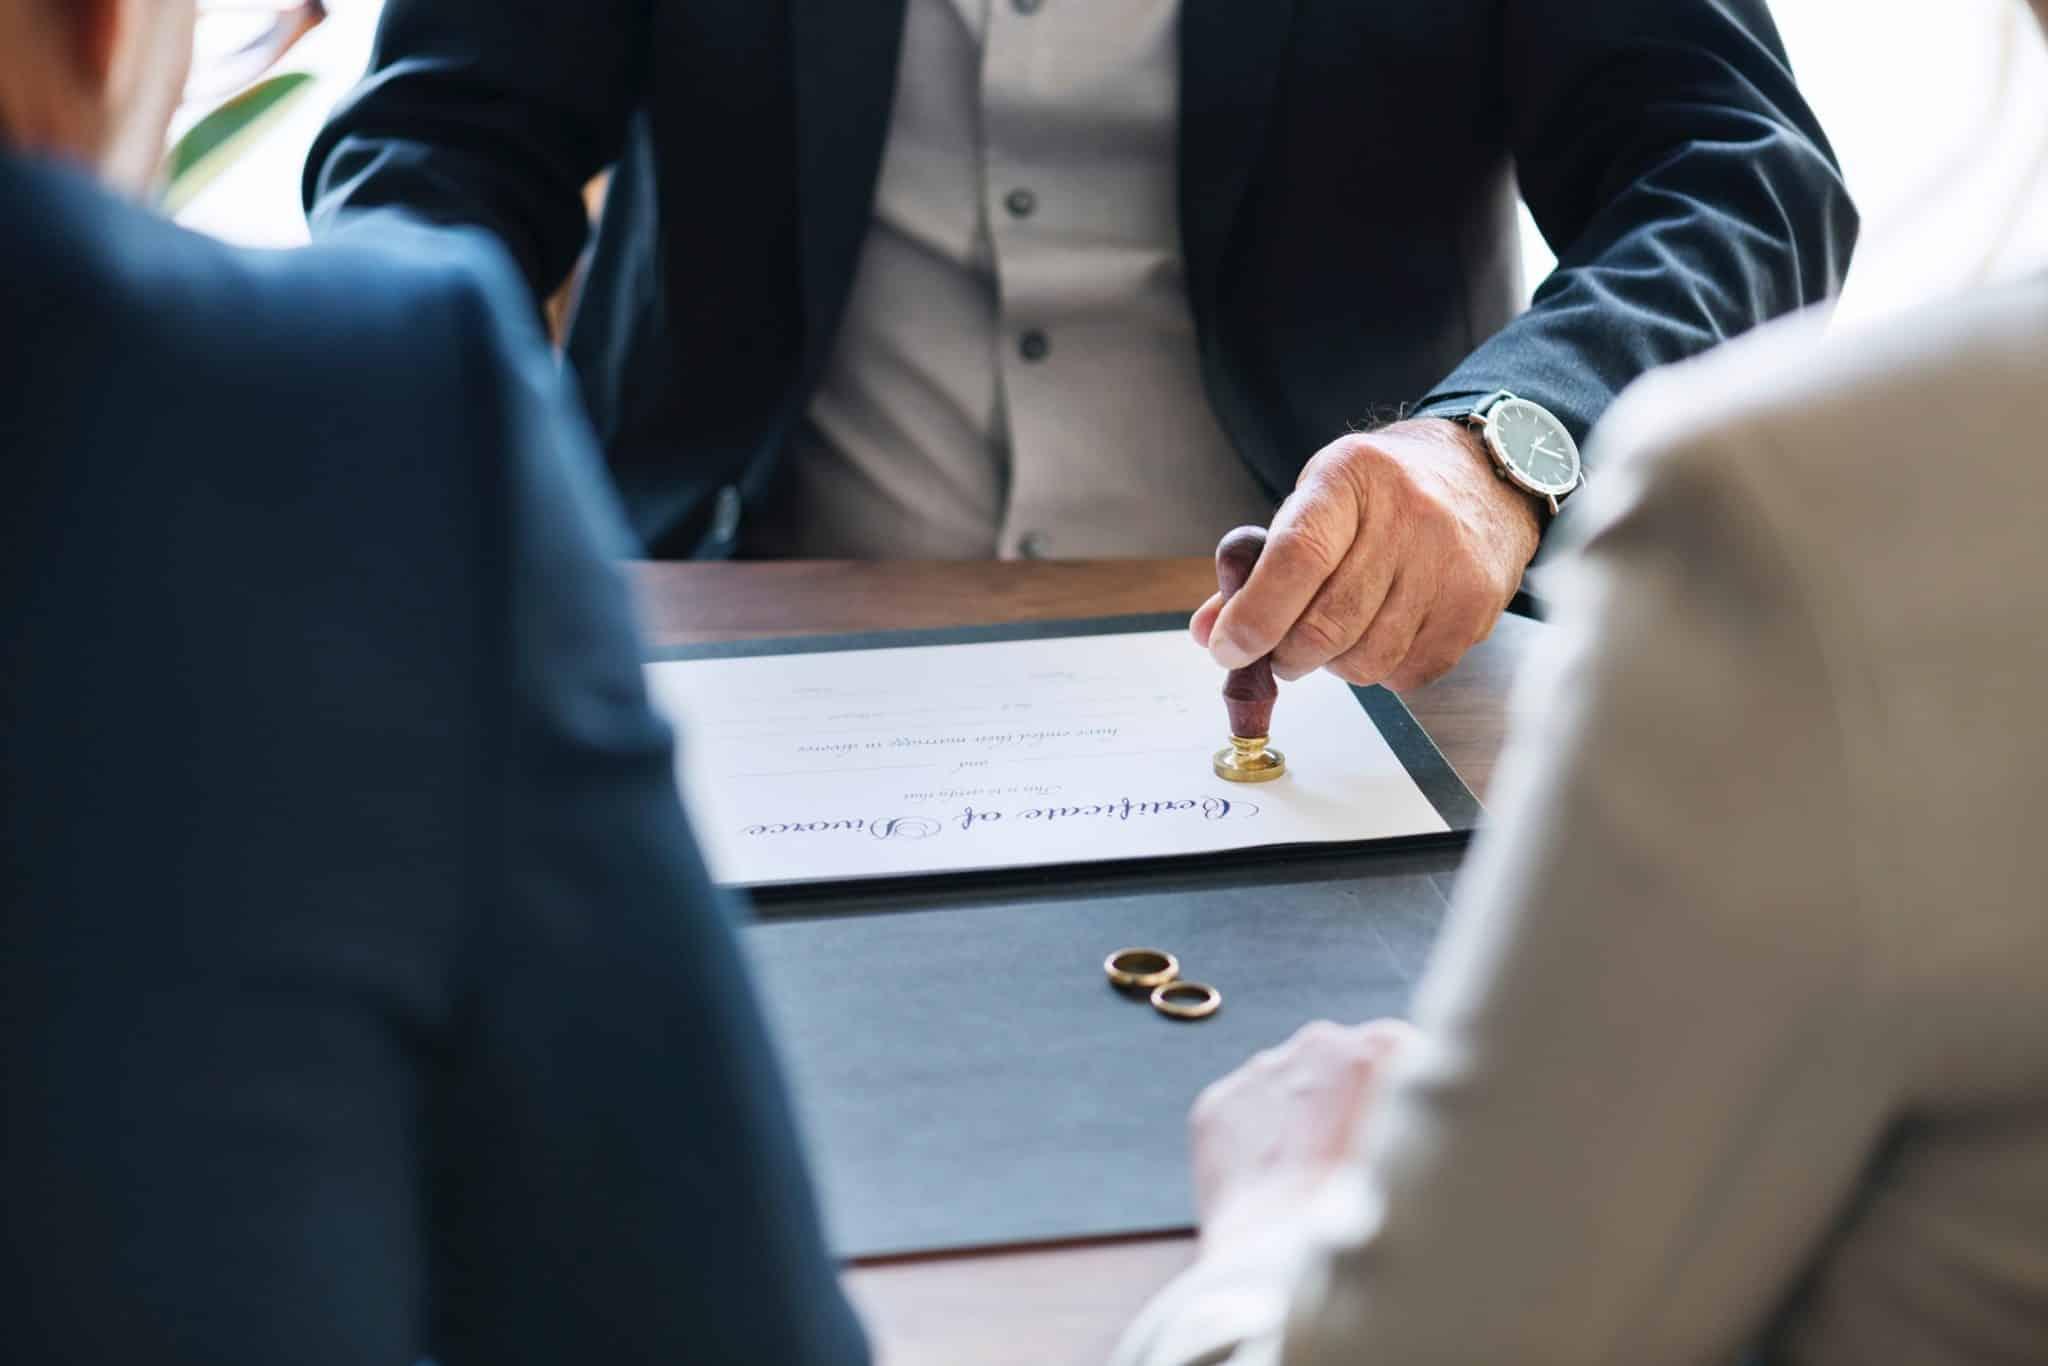 גירושין של מנהלים ובני/בנות זוגם